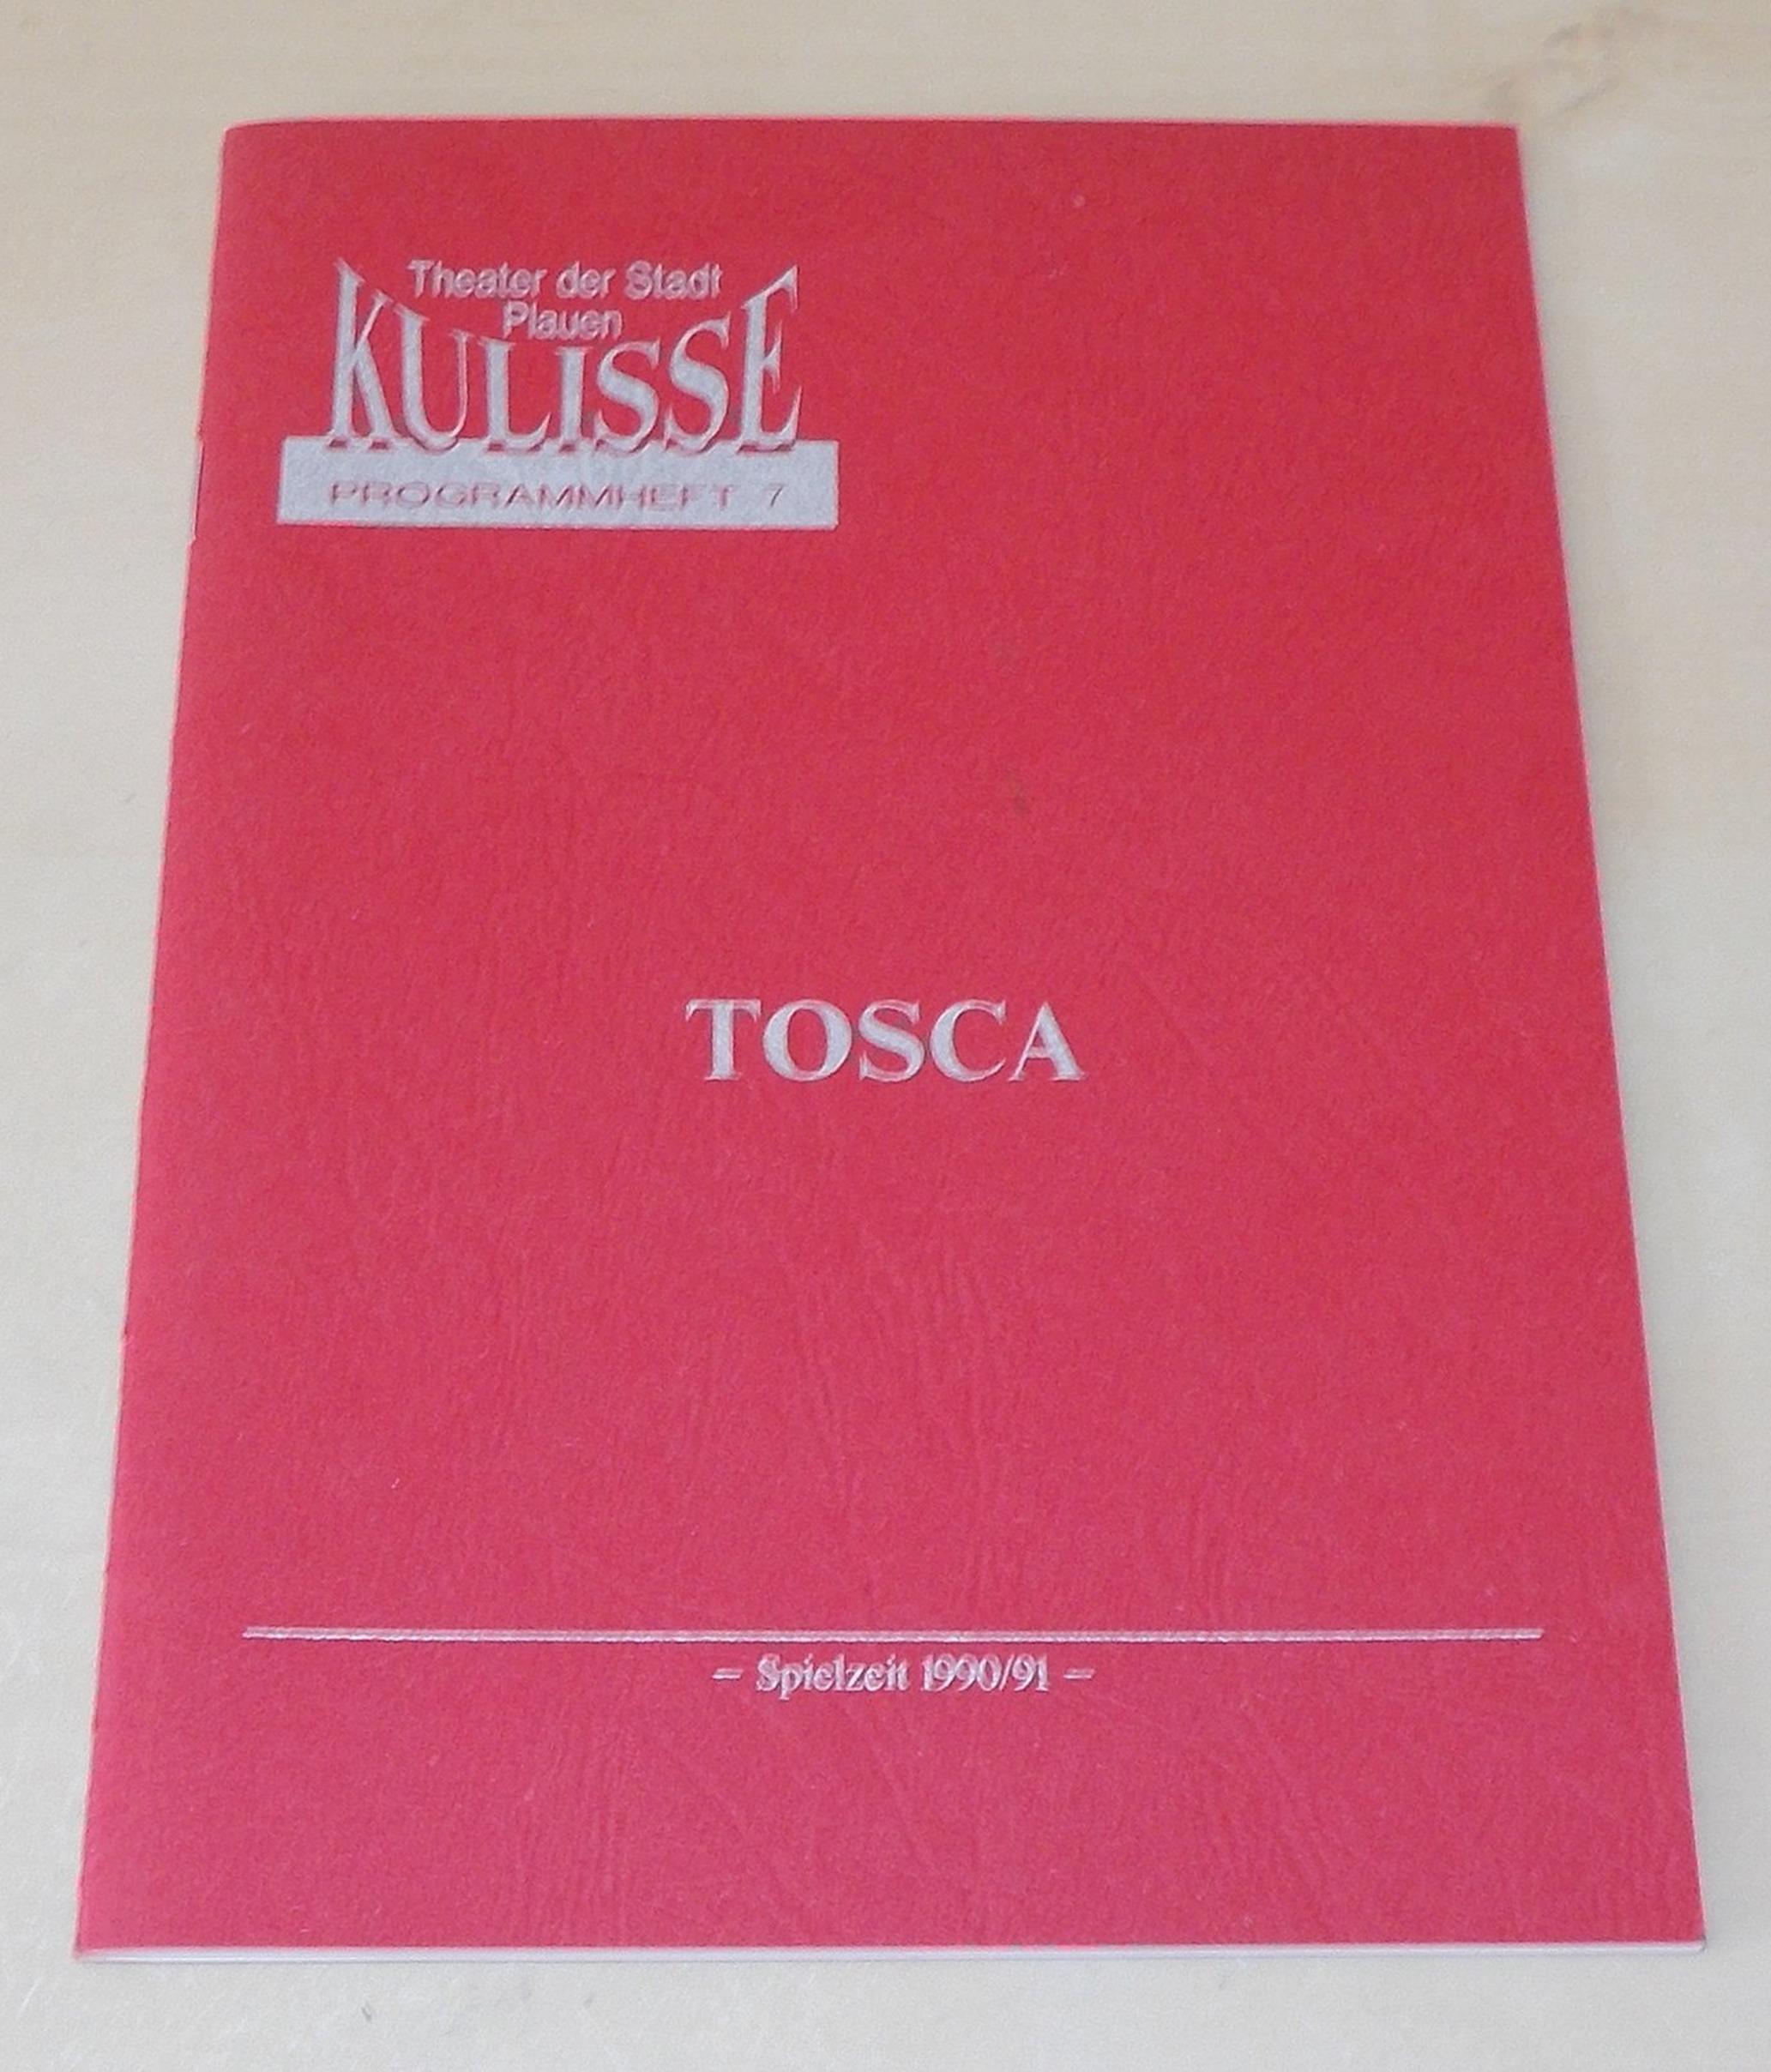 Programmheft TOSCA KULISSE Theater der Stadt Plauen 1991